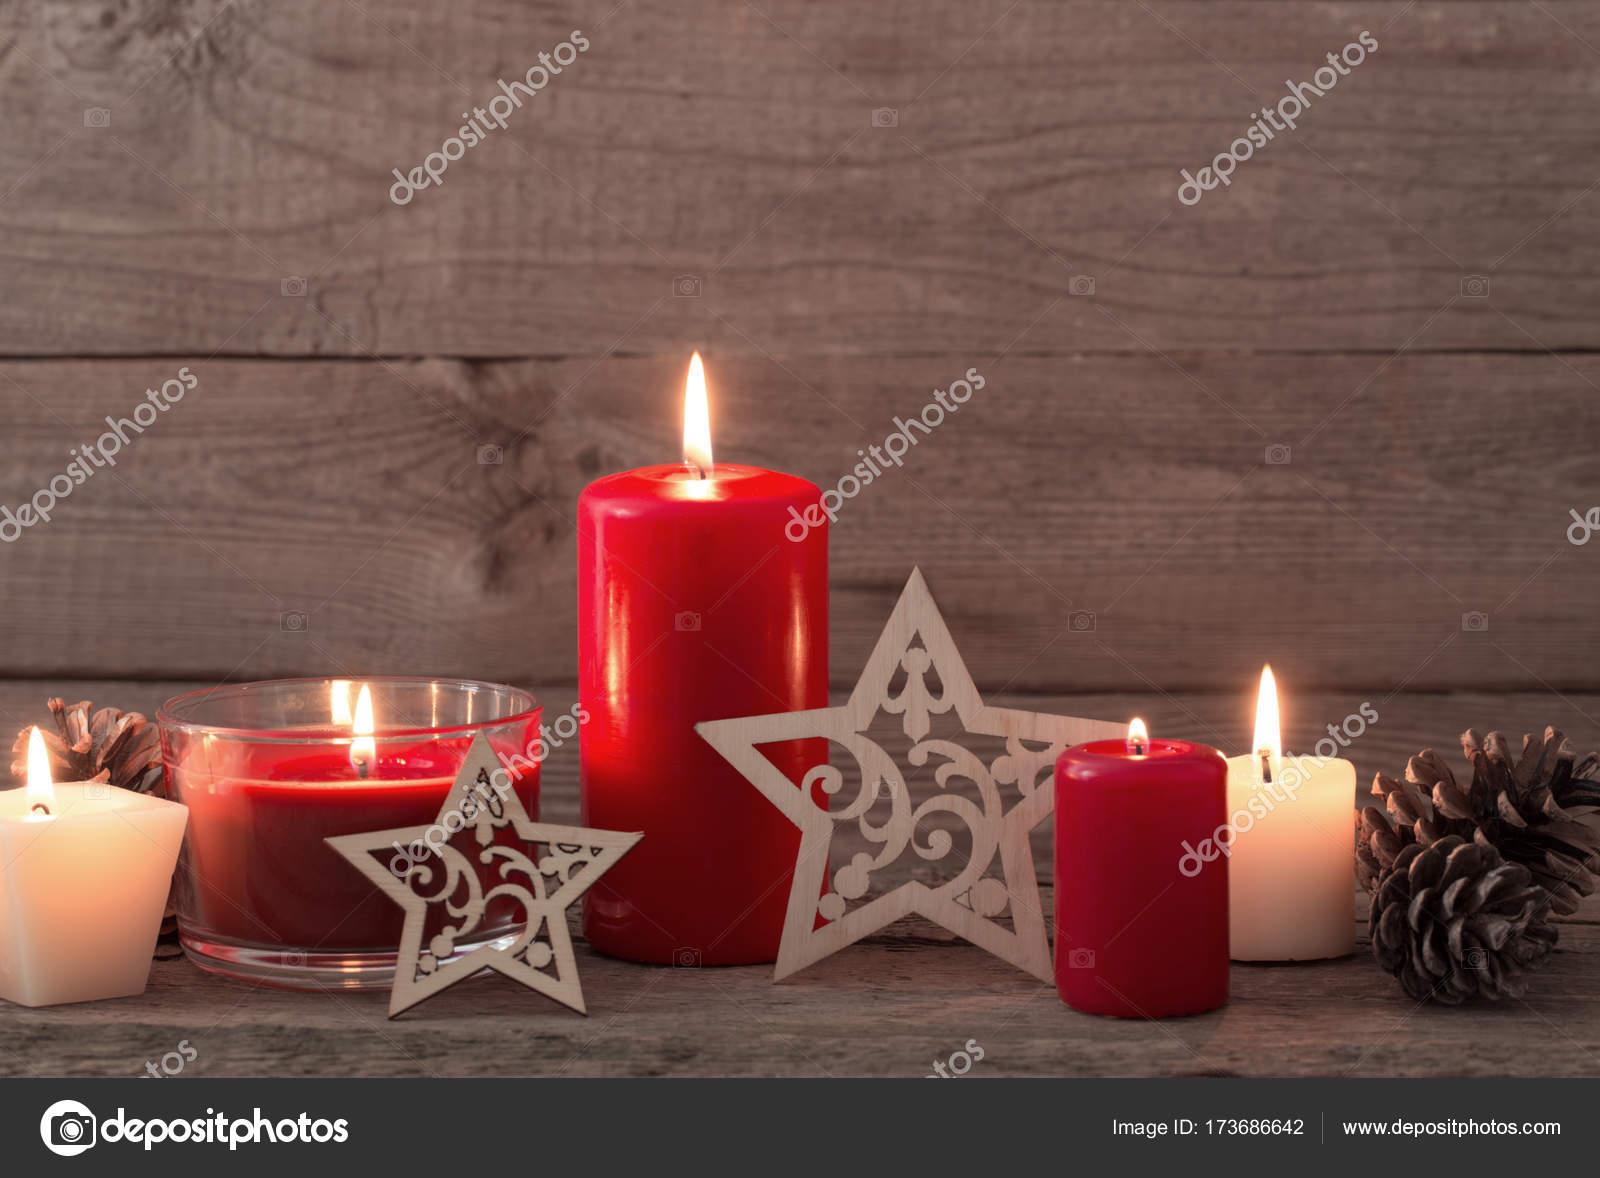 Decorare Candele Di Natale : Decorazione di natale con le candele rosse su fondo di legno